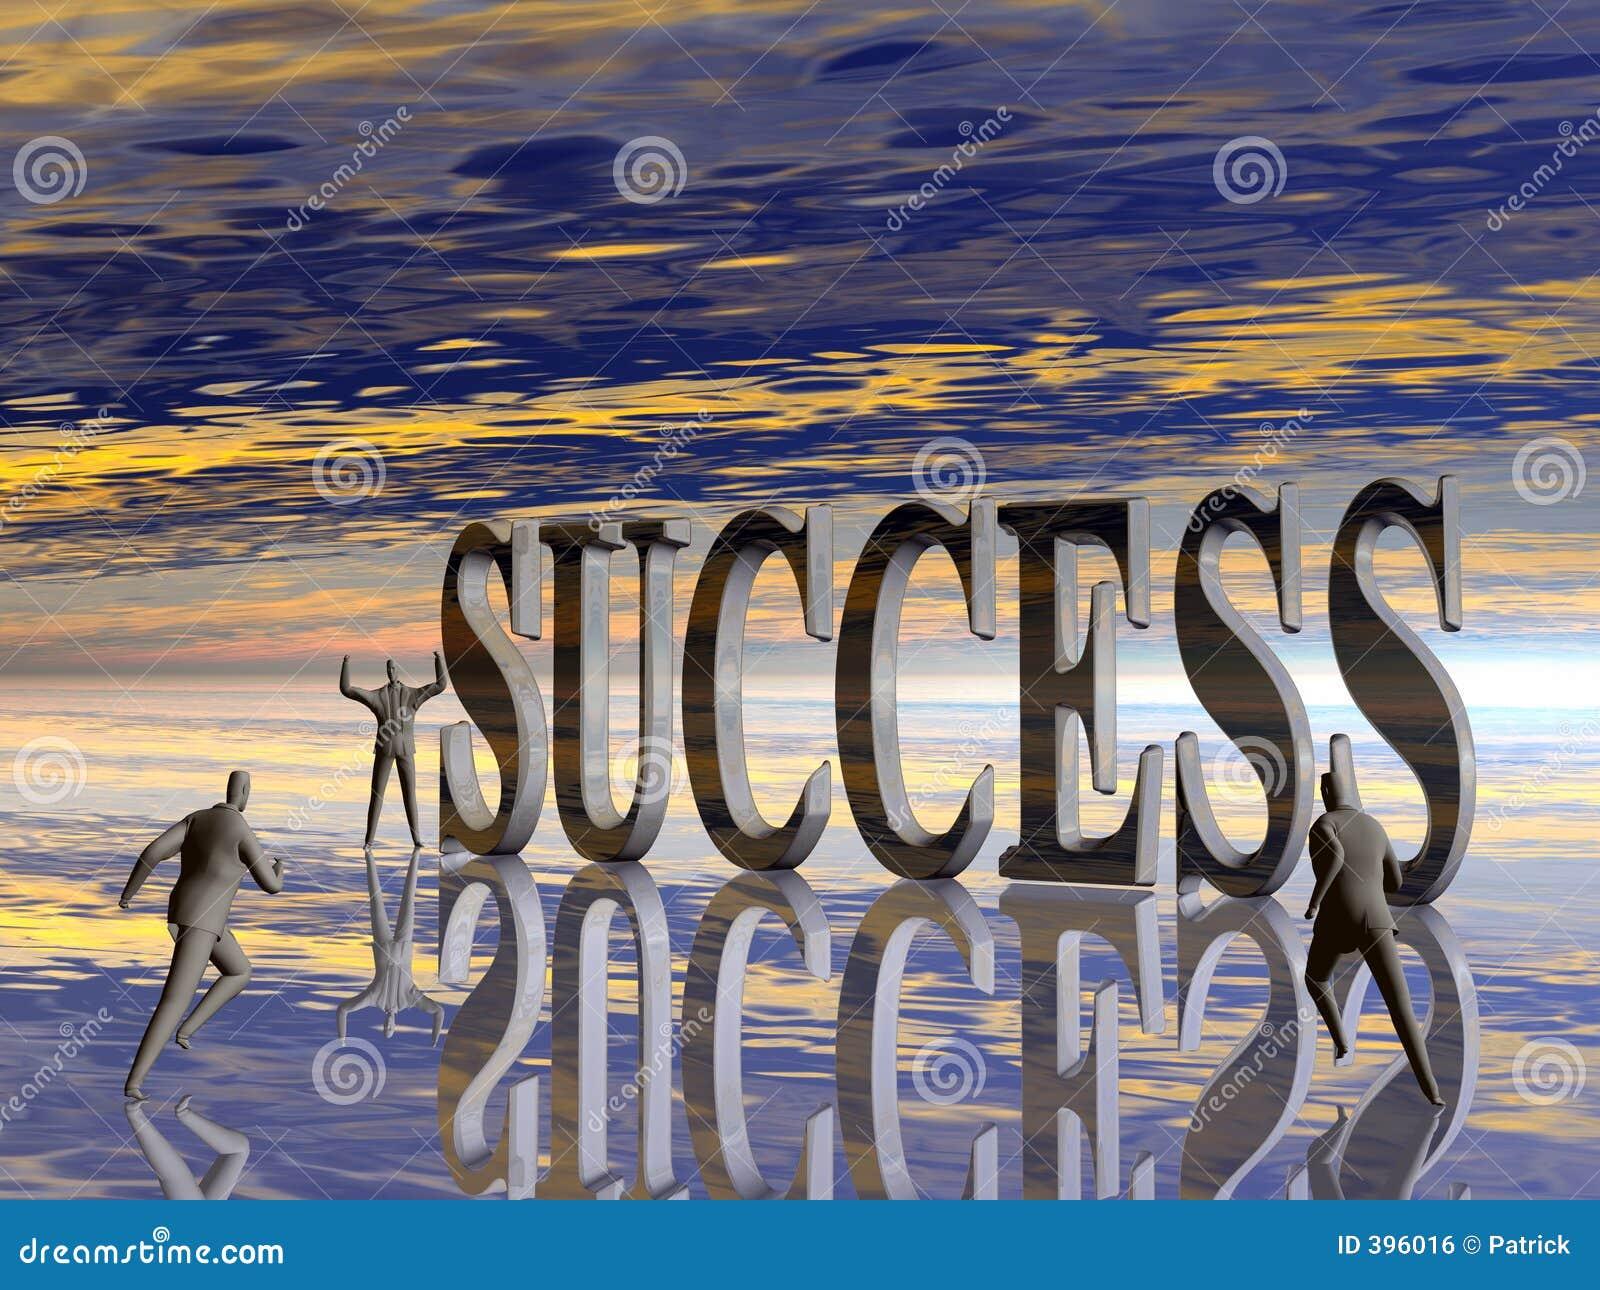 Le passage, concurrence pour la réussite.